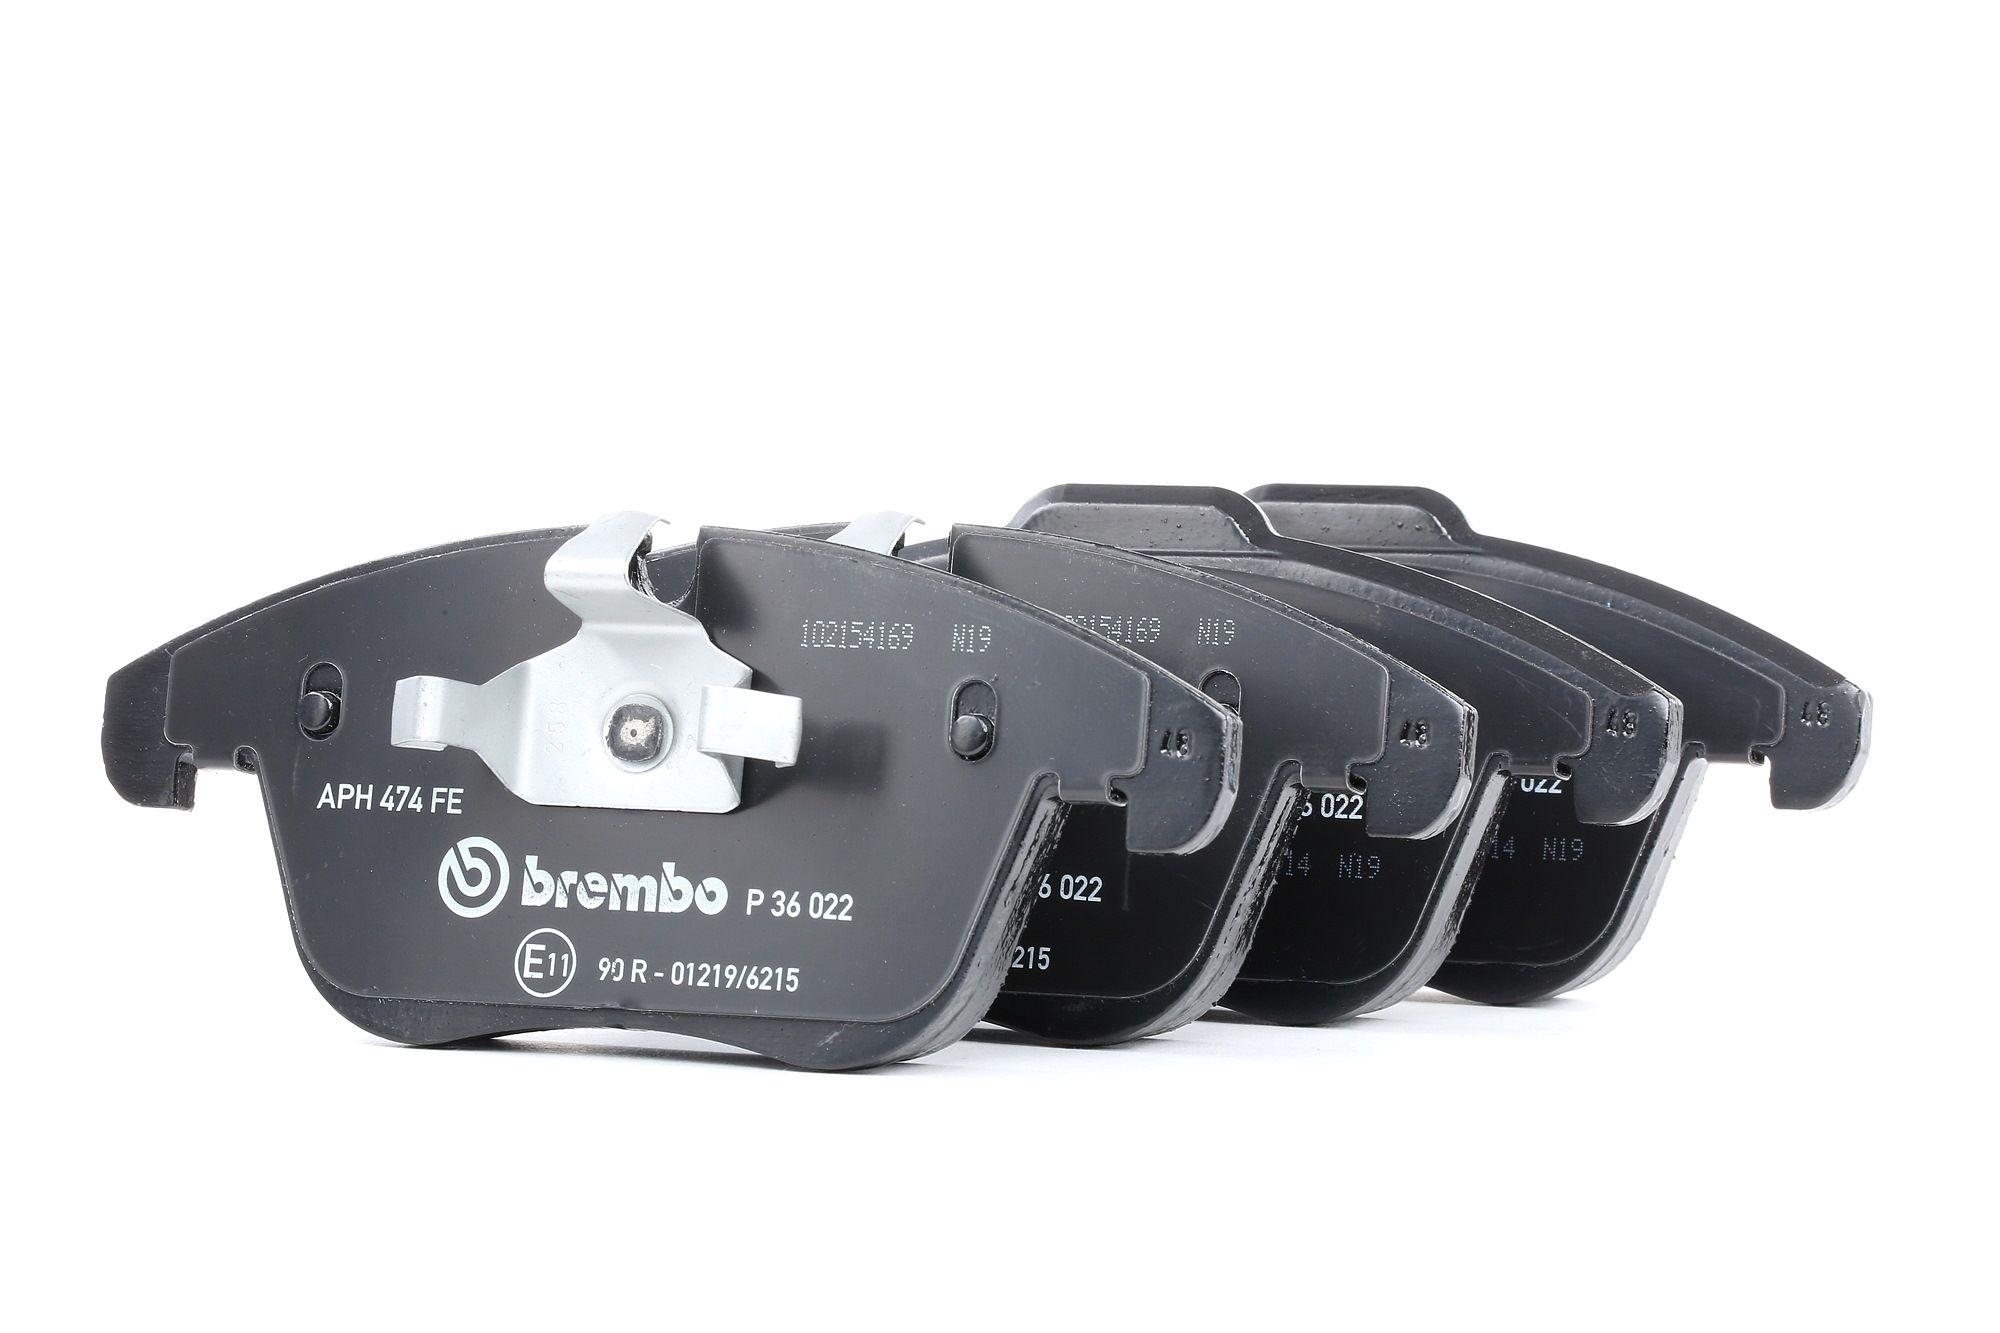 8358D1241 BREMBO für Verschleißwarnanzeiger vorbereitet Höhe 1: 66,6mm, Höhe 2: 72,0mm, Breite 1: 156mm, Breite 2: 156,2mm, Dicke/Stärke: 19mm Bremsbelagsatz, Scheibenbremse P 36 022 günstig kaufen